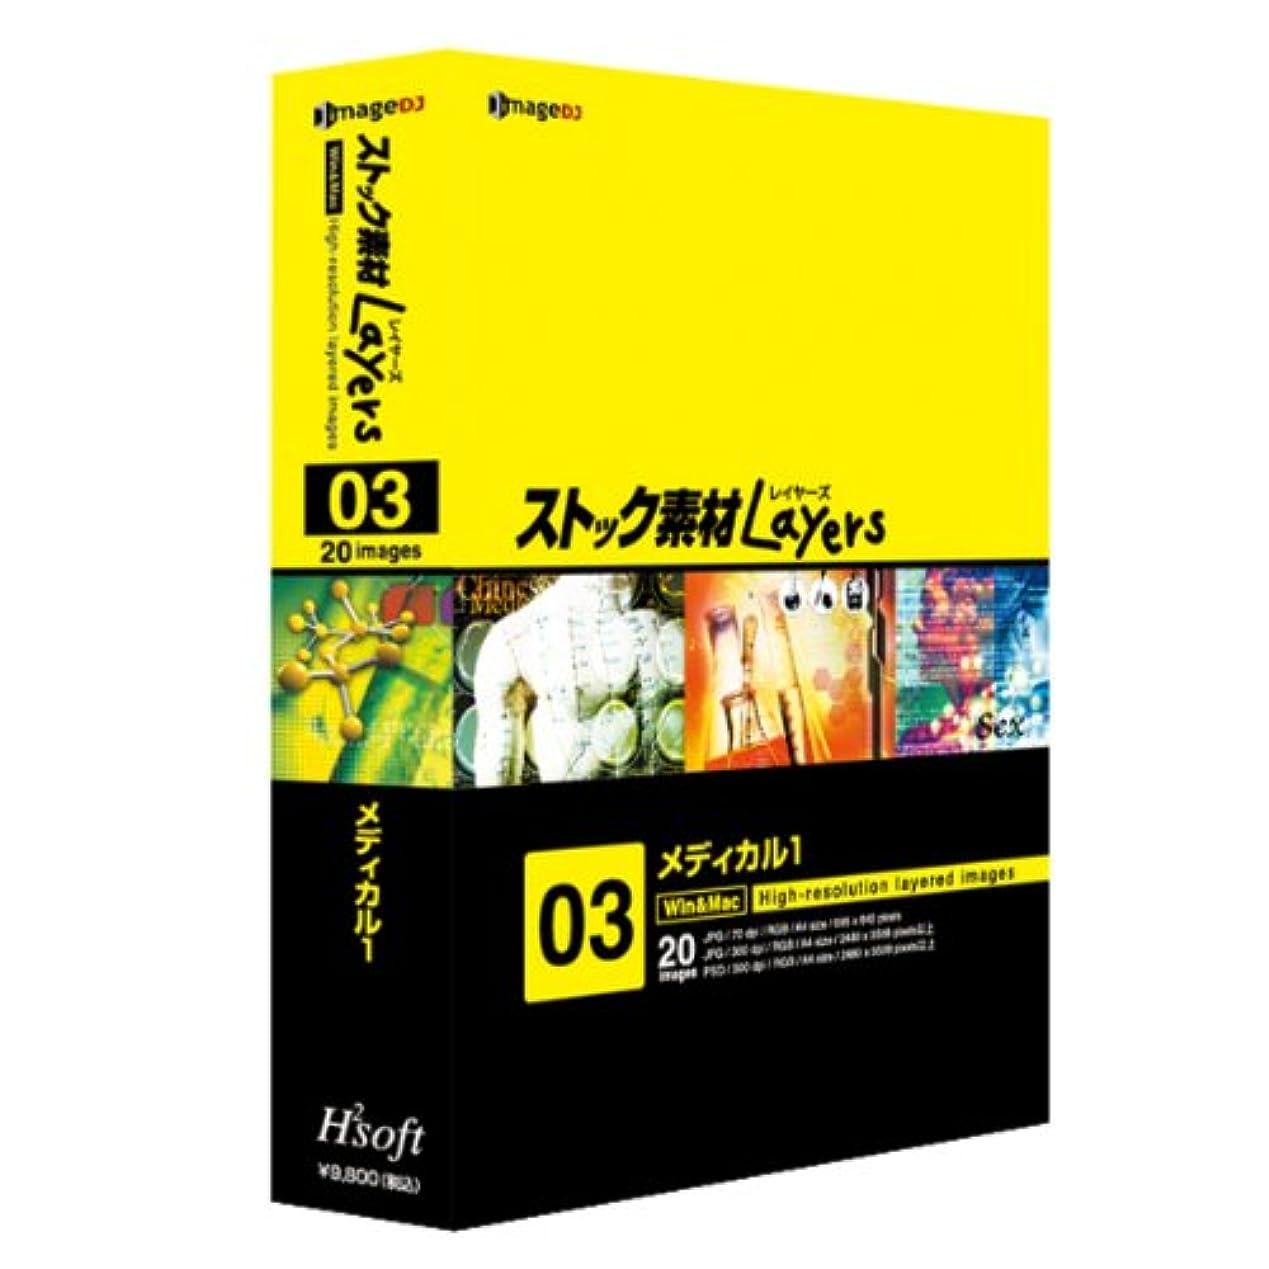 ホステルチロ協同ストック素材Layers3 メディカル1